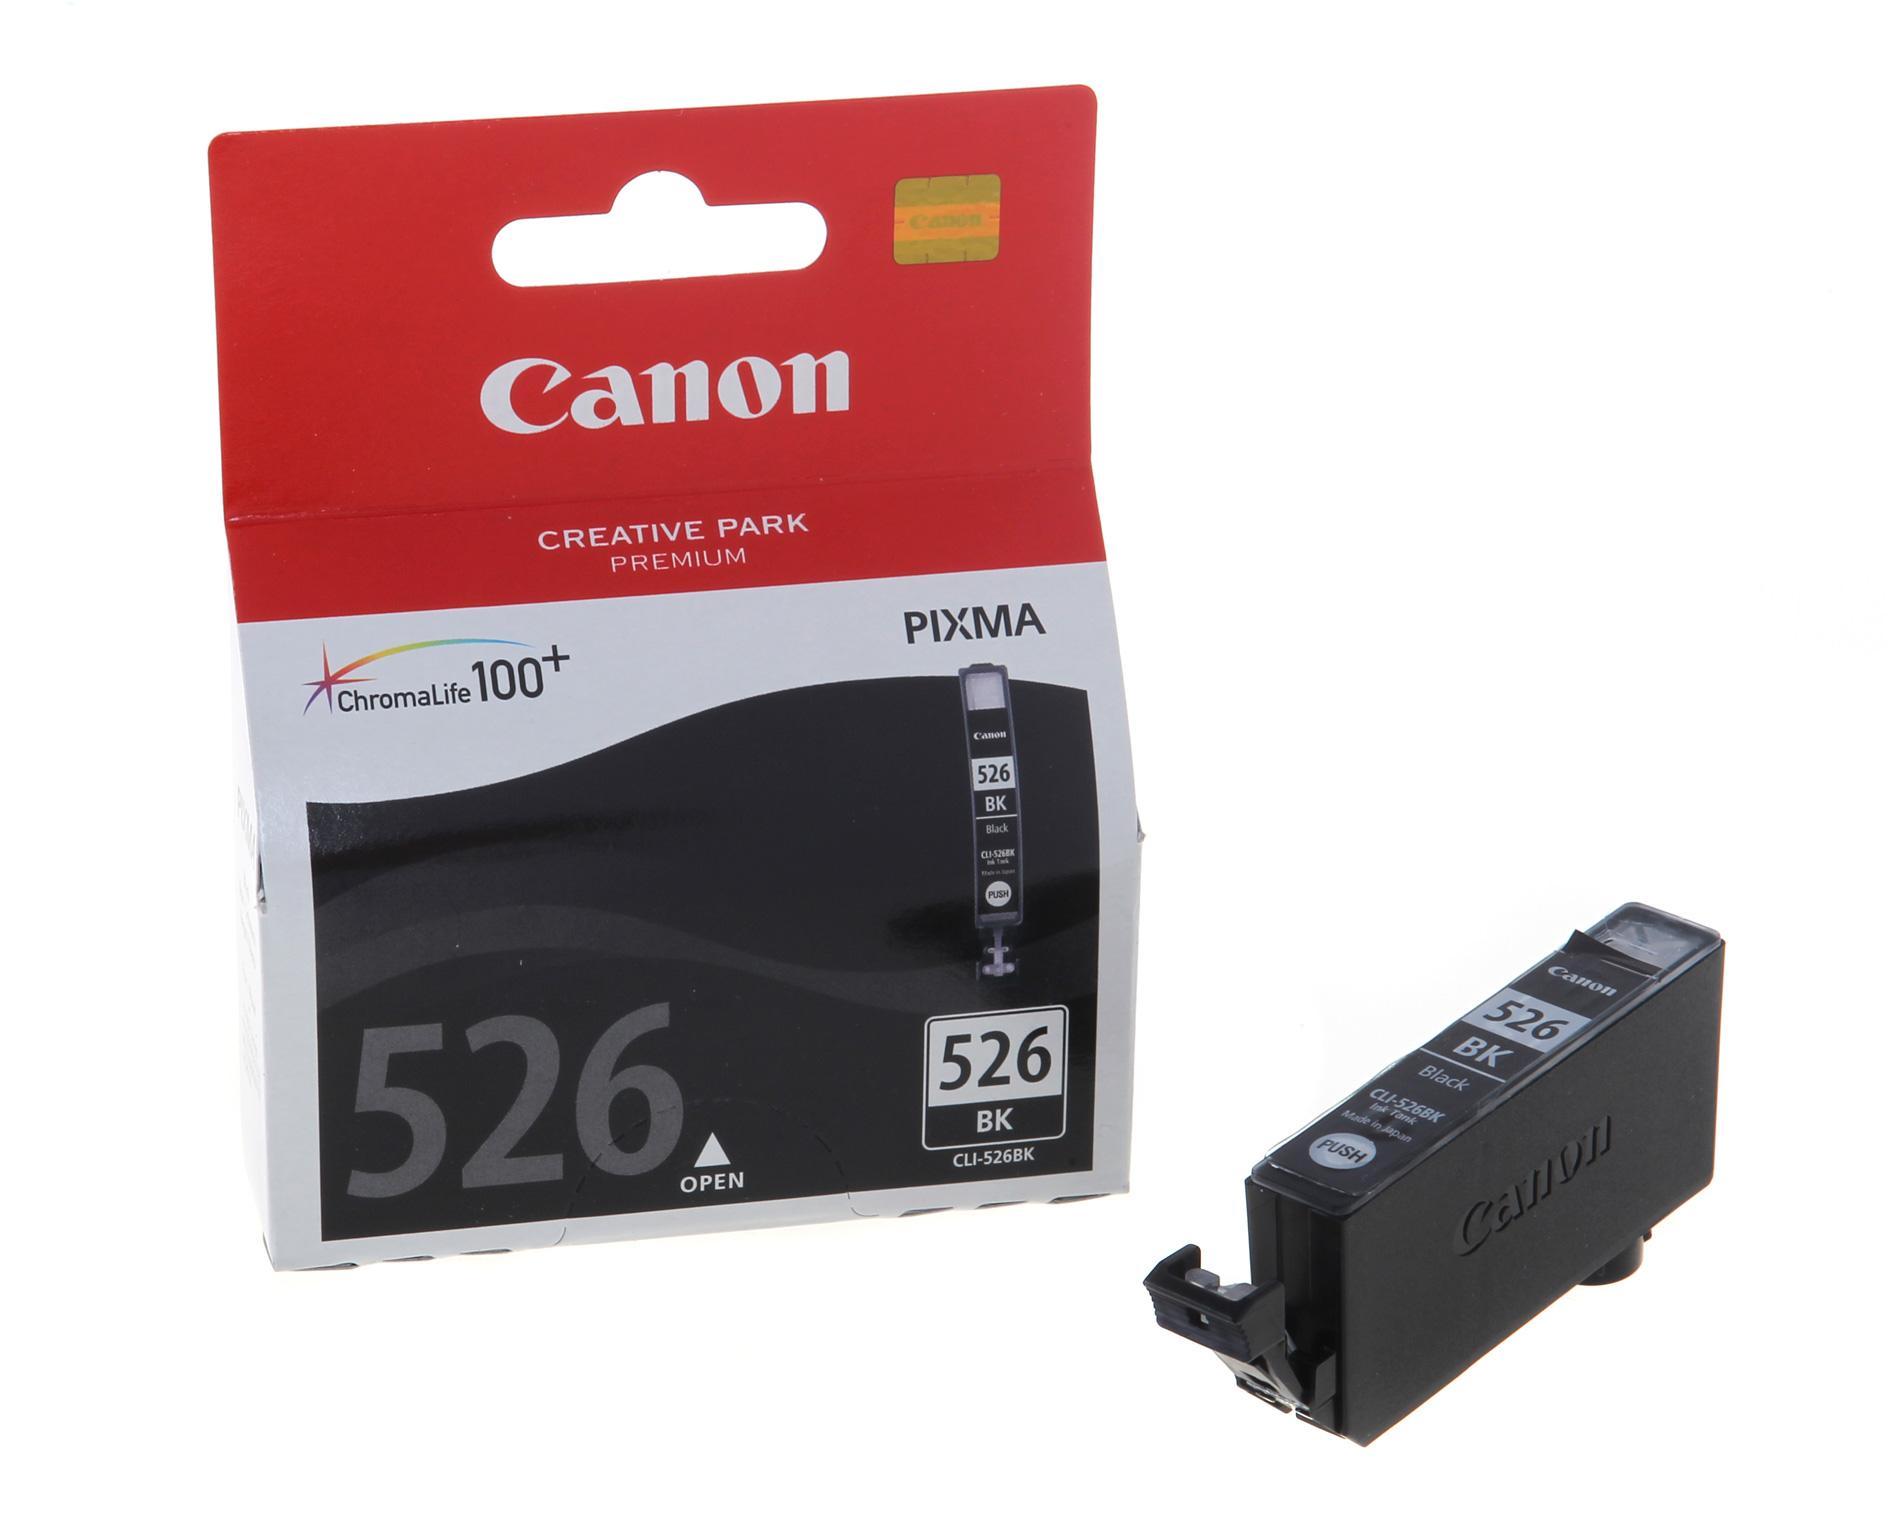 Canon PGI-526 Ink Cartridge Original Black